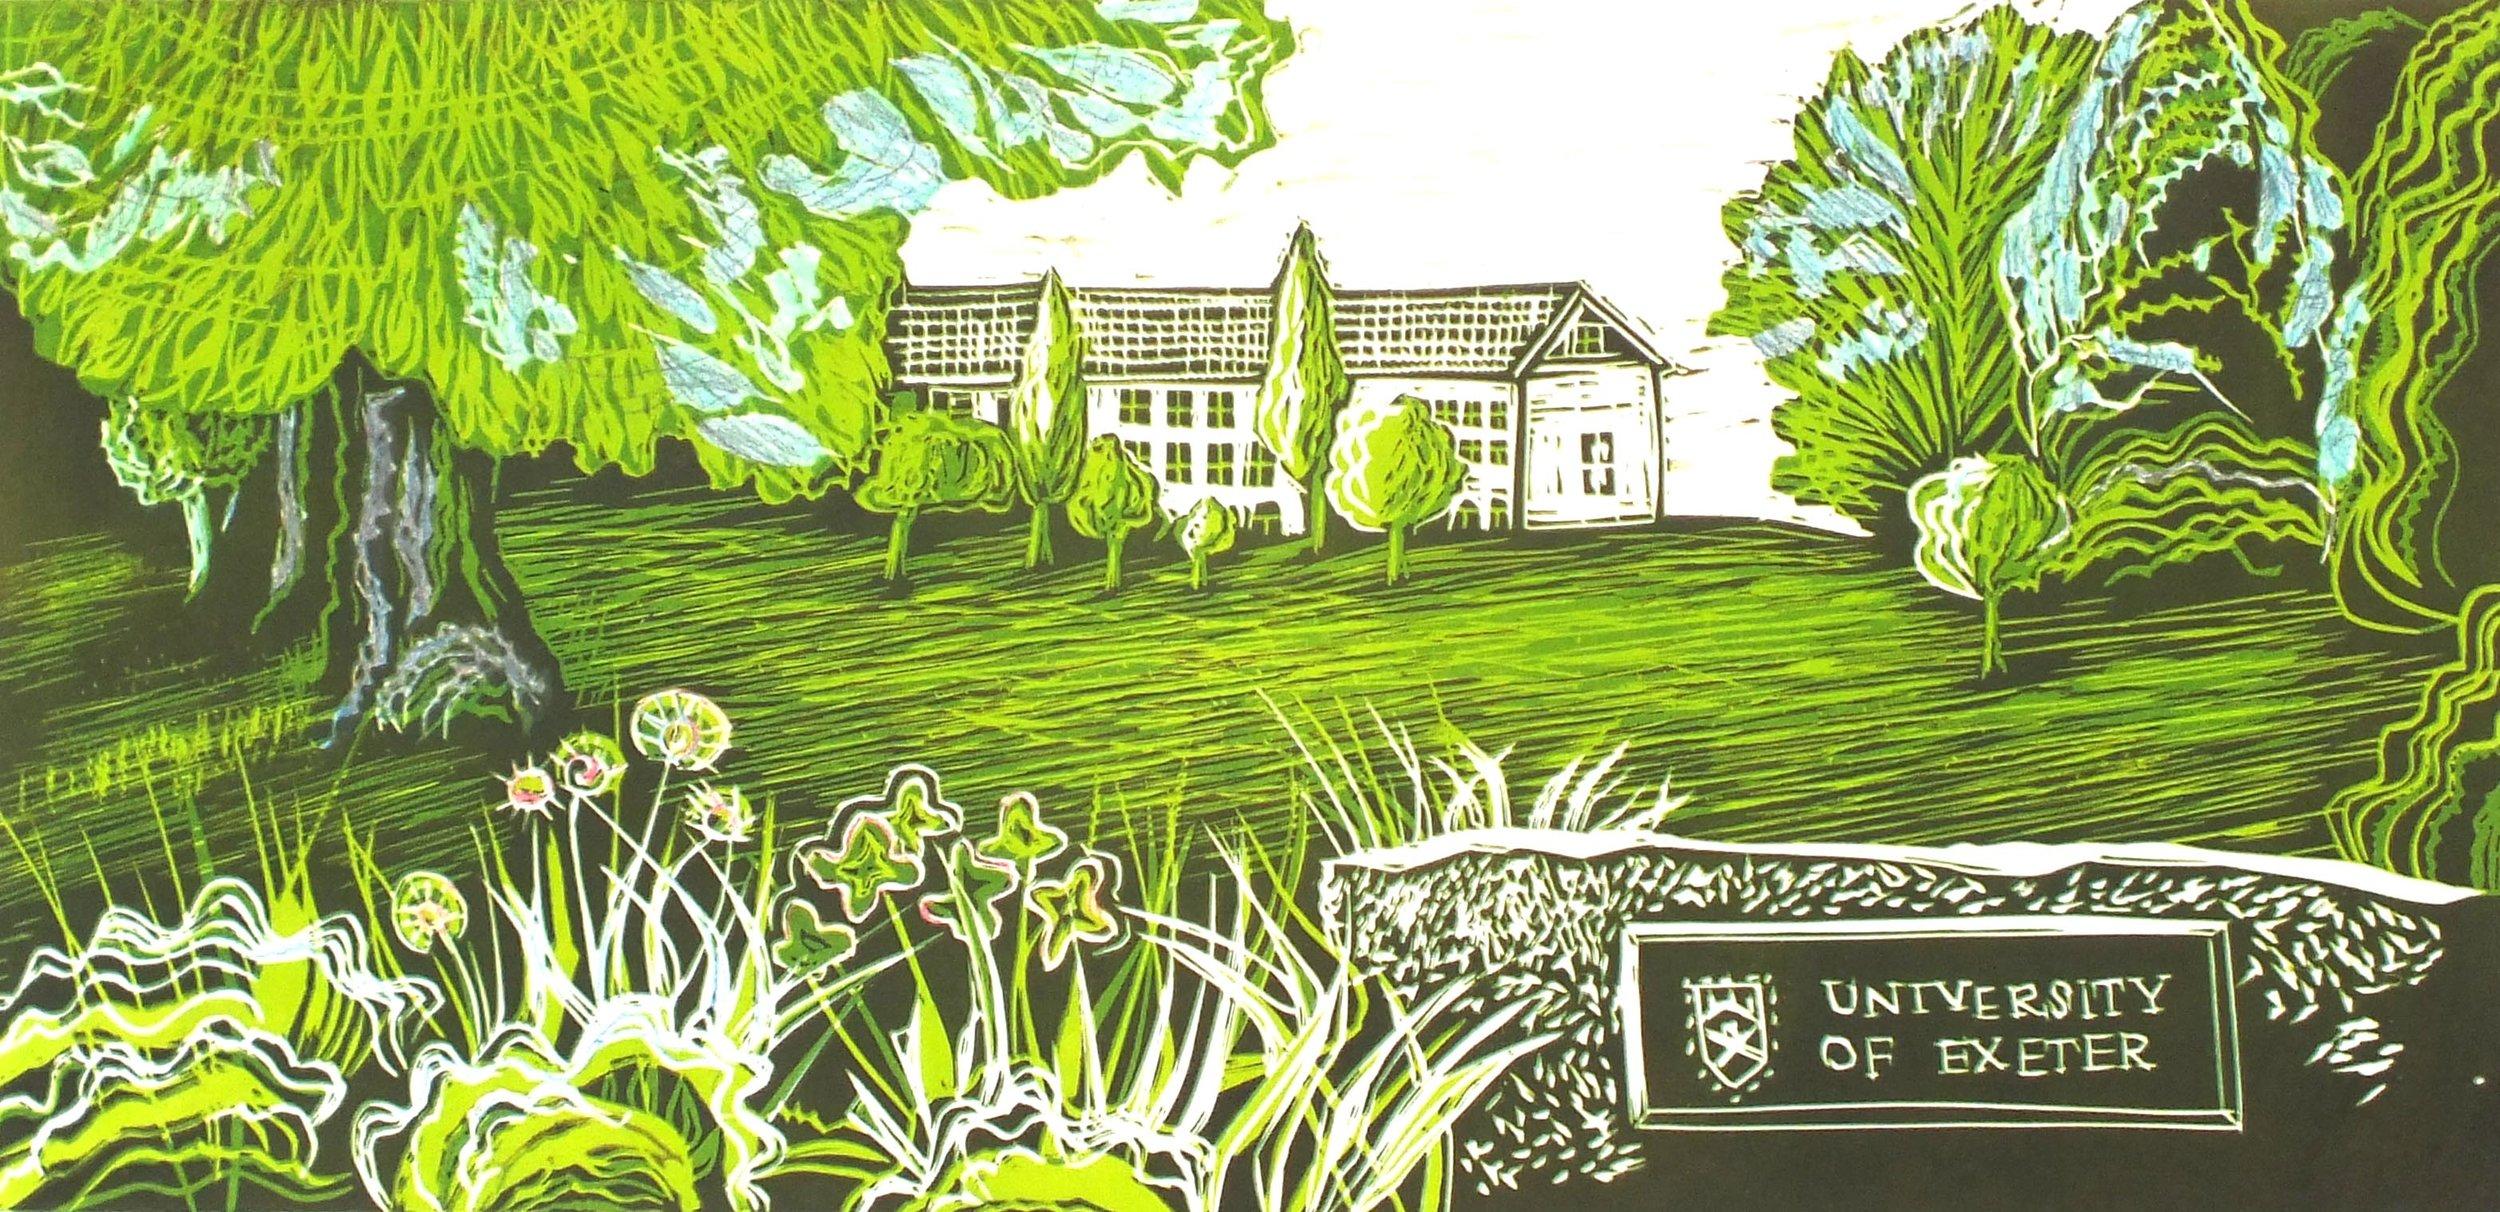 Uni of Exeter image.jpg